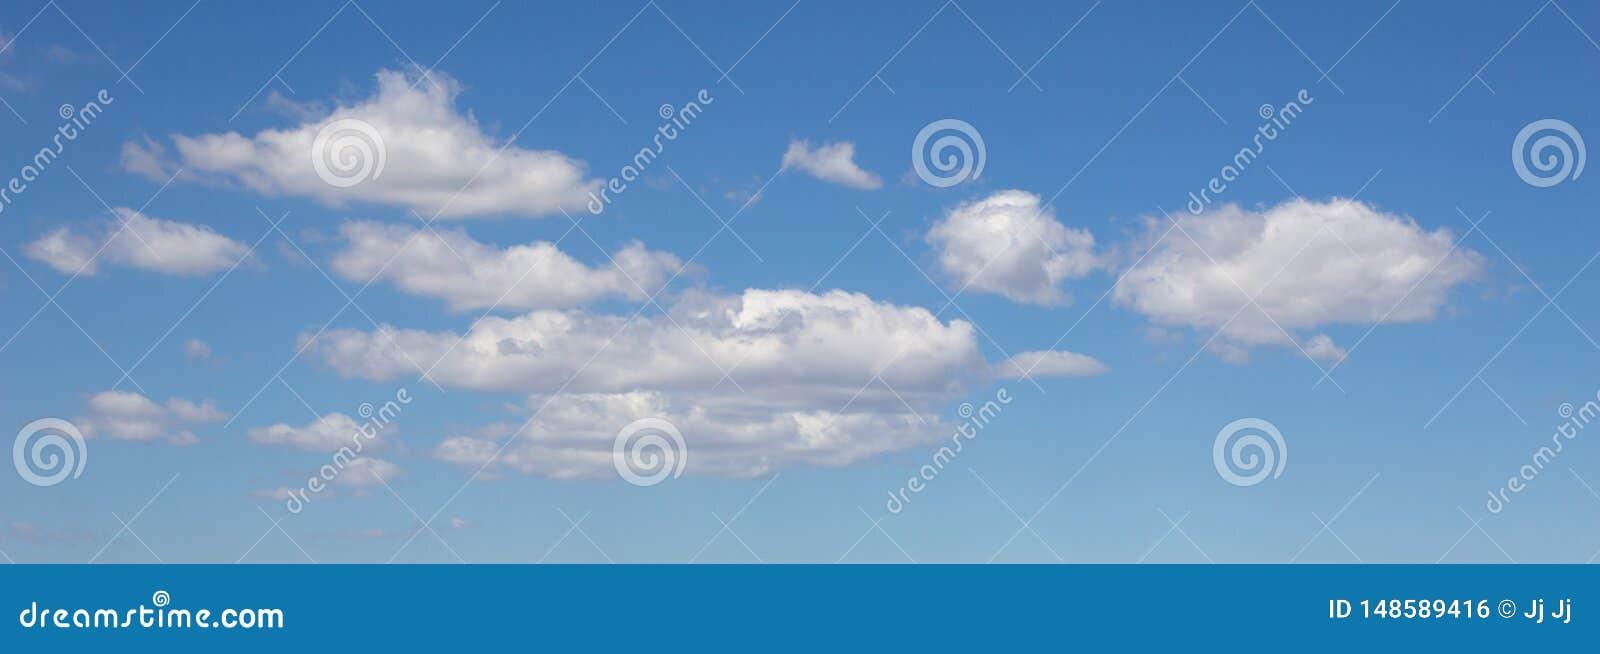 Witte wolken in een blauwe hemel